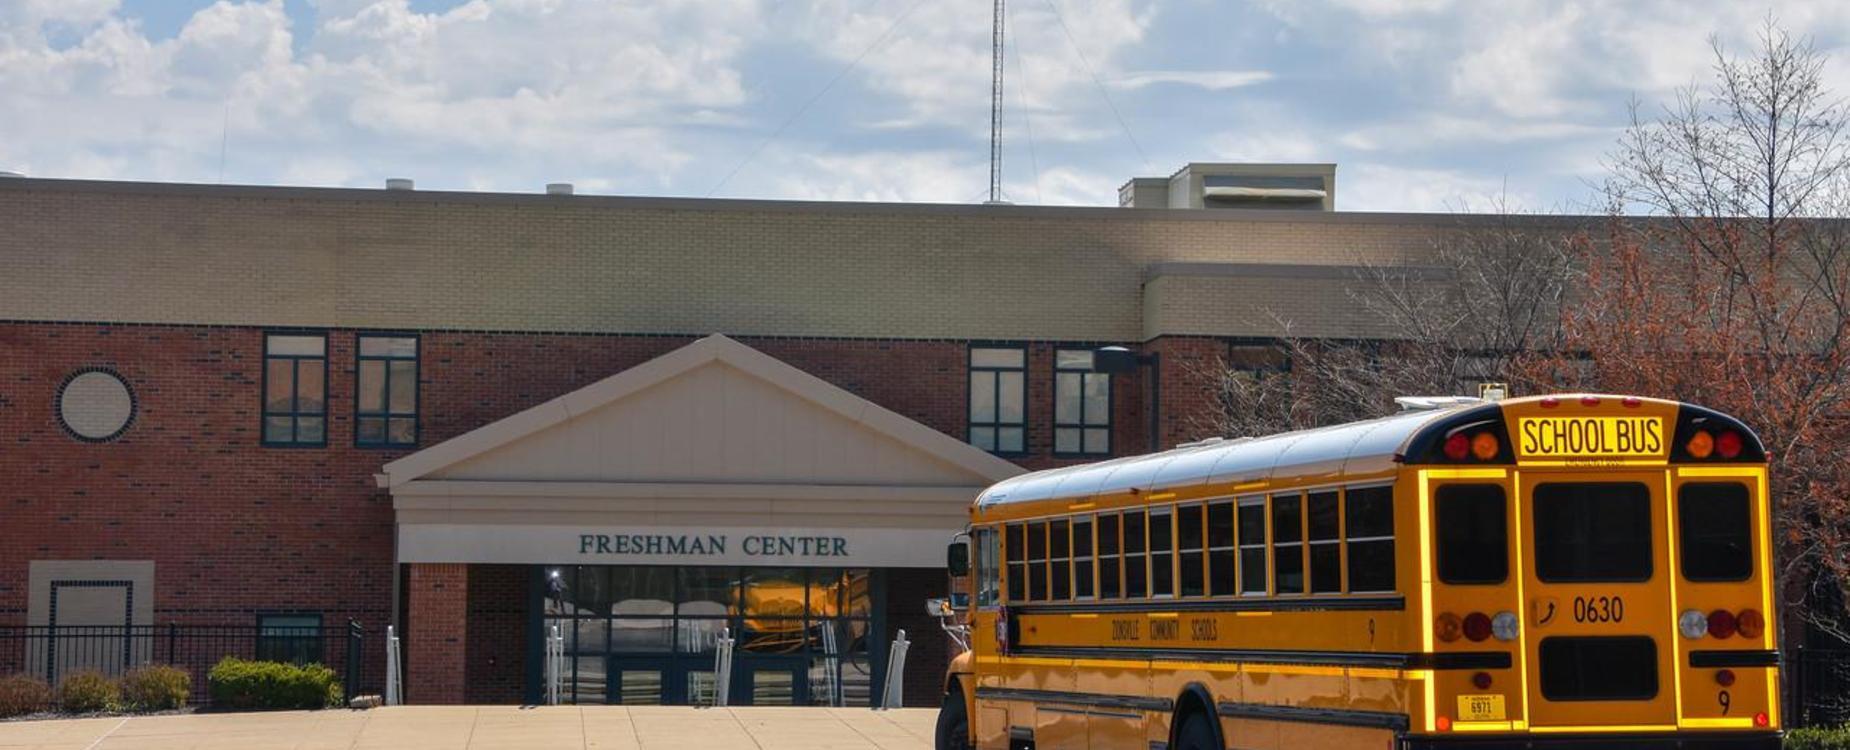 School Bus Arriving